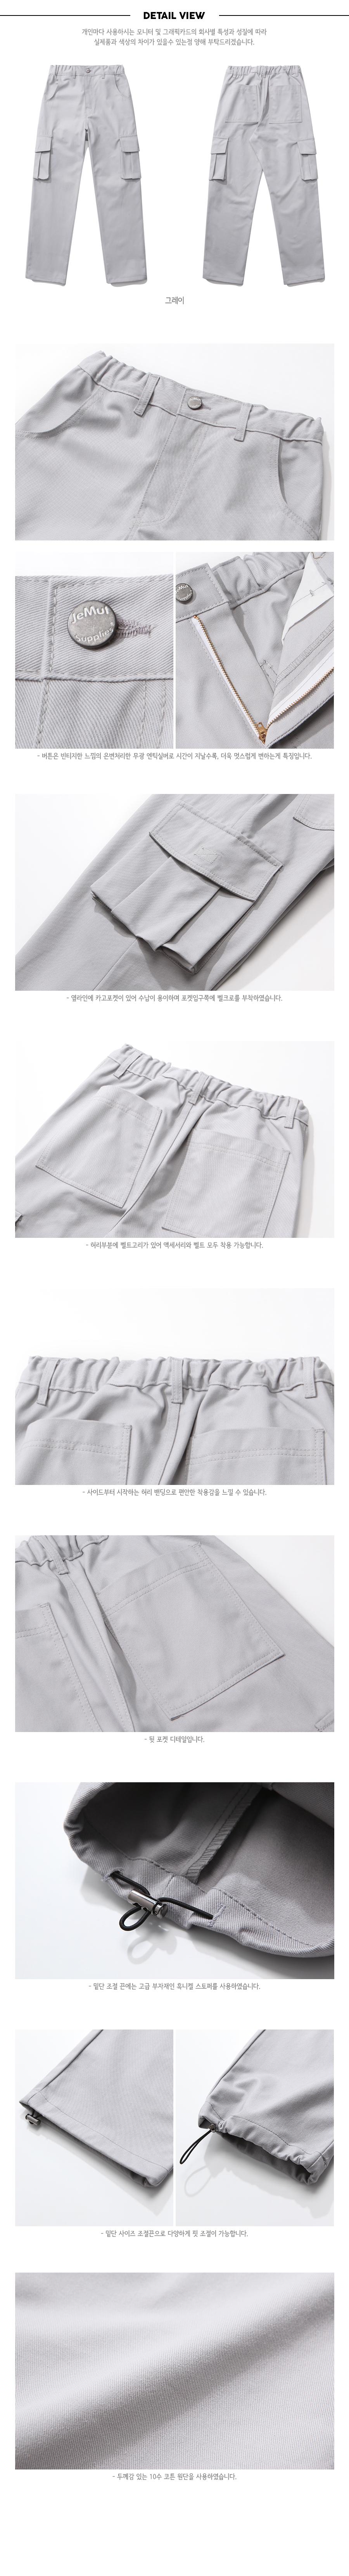 [제멋] [기획특가] 유스 와이드 카고팬츠 4종 그레이 YHLP2159